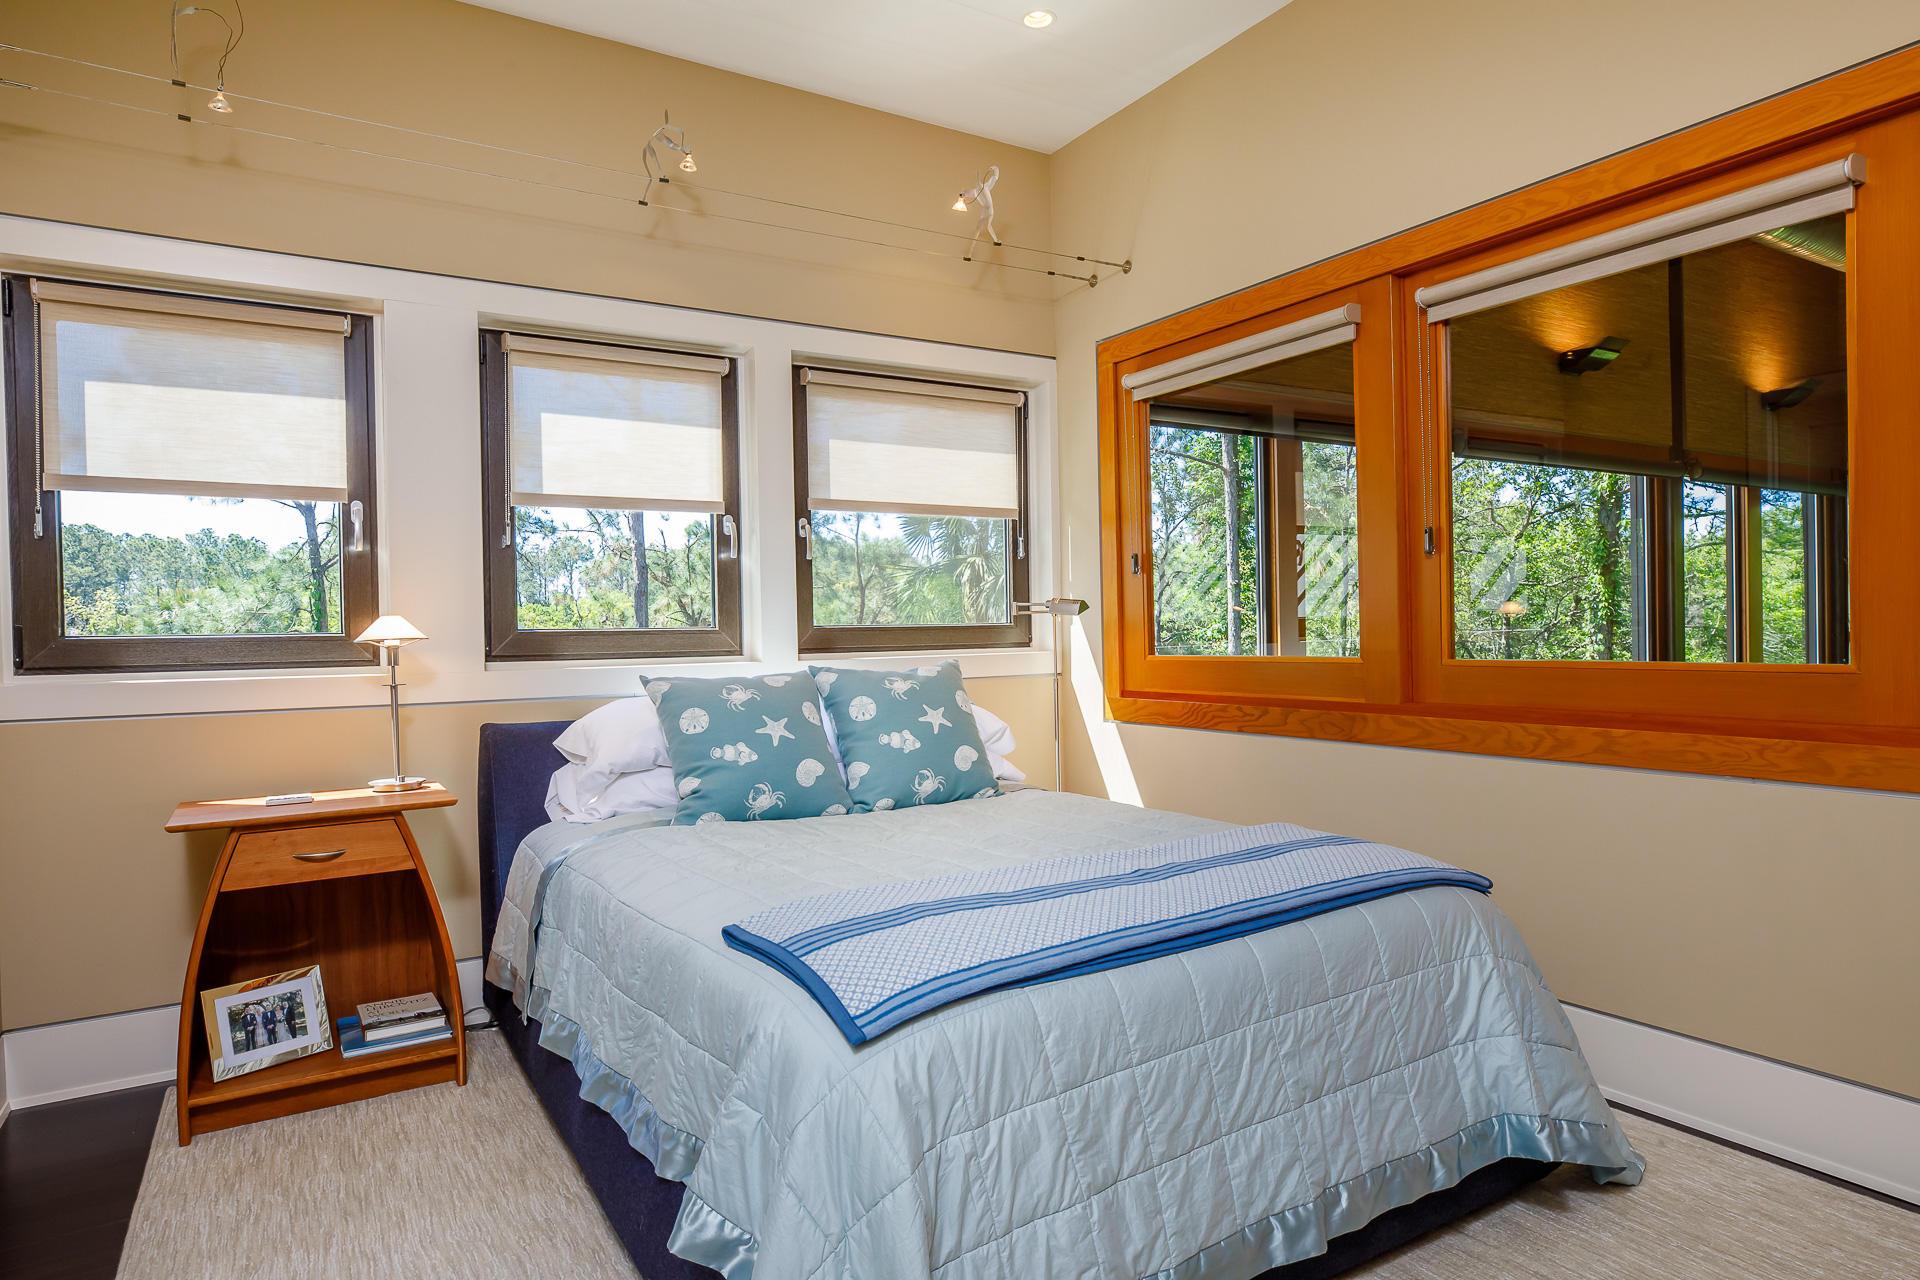 Kiawah Island Homes For Sale - 102 Blue Heron Pond, Kiawah Island, SC - 22